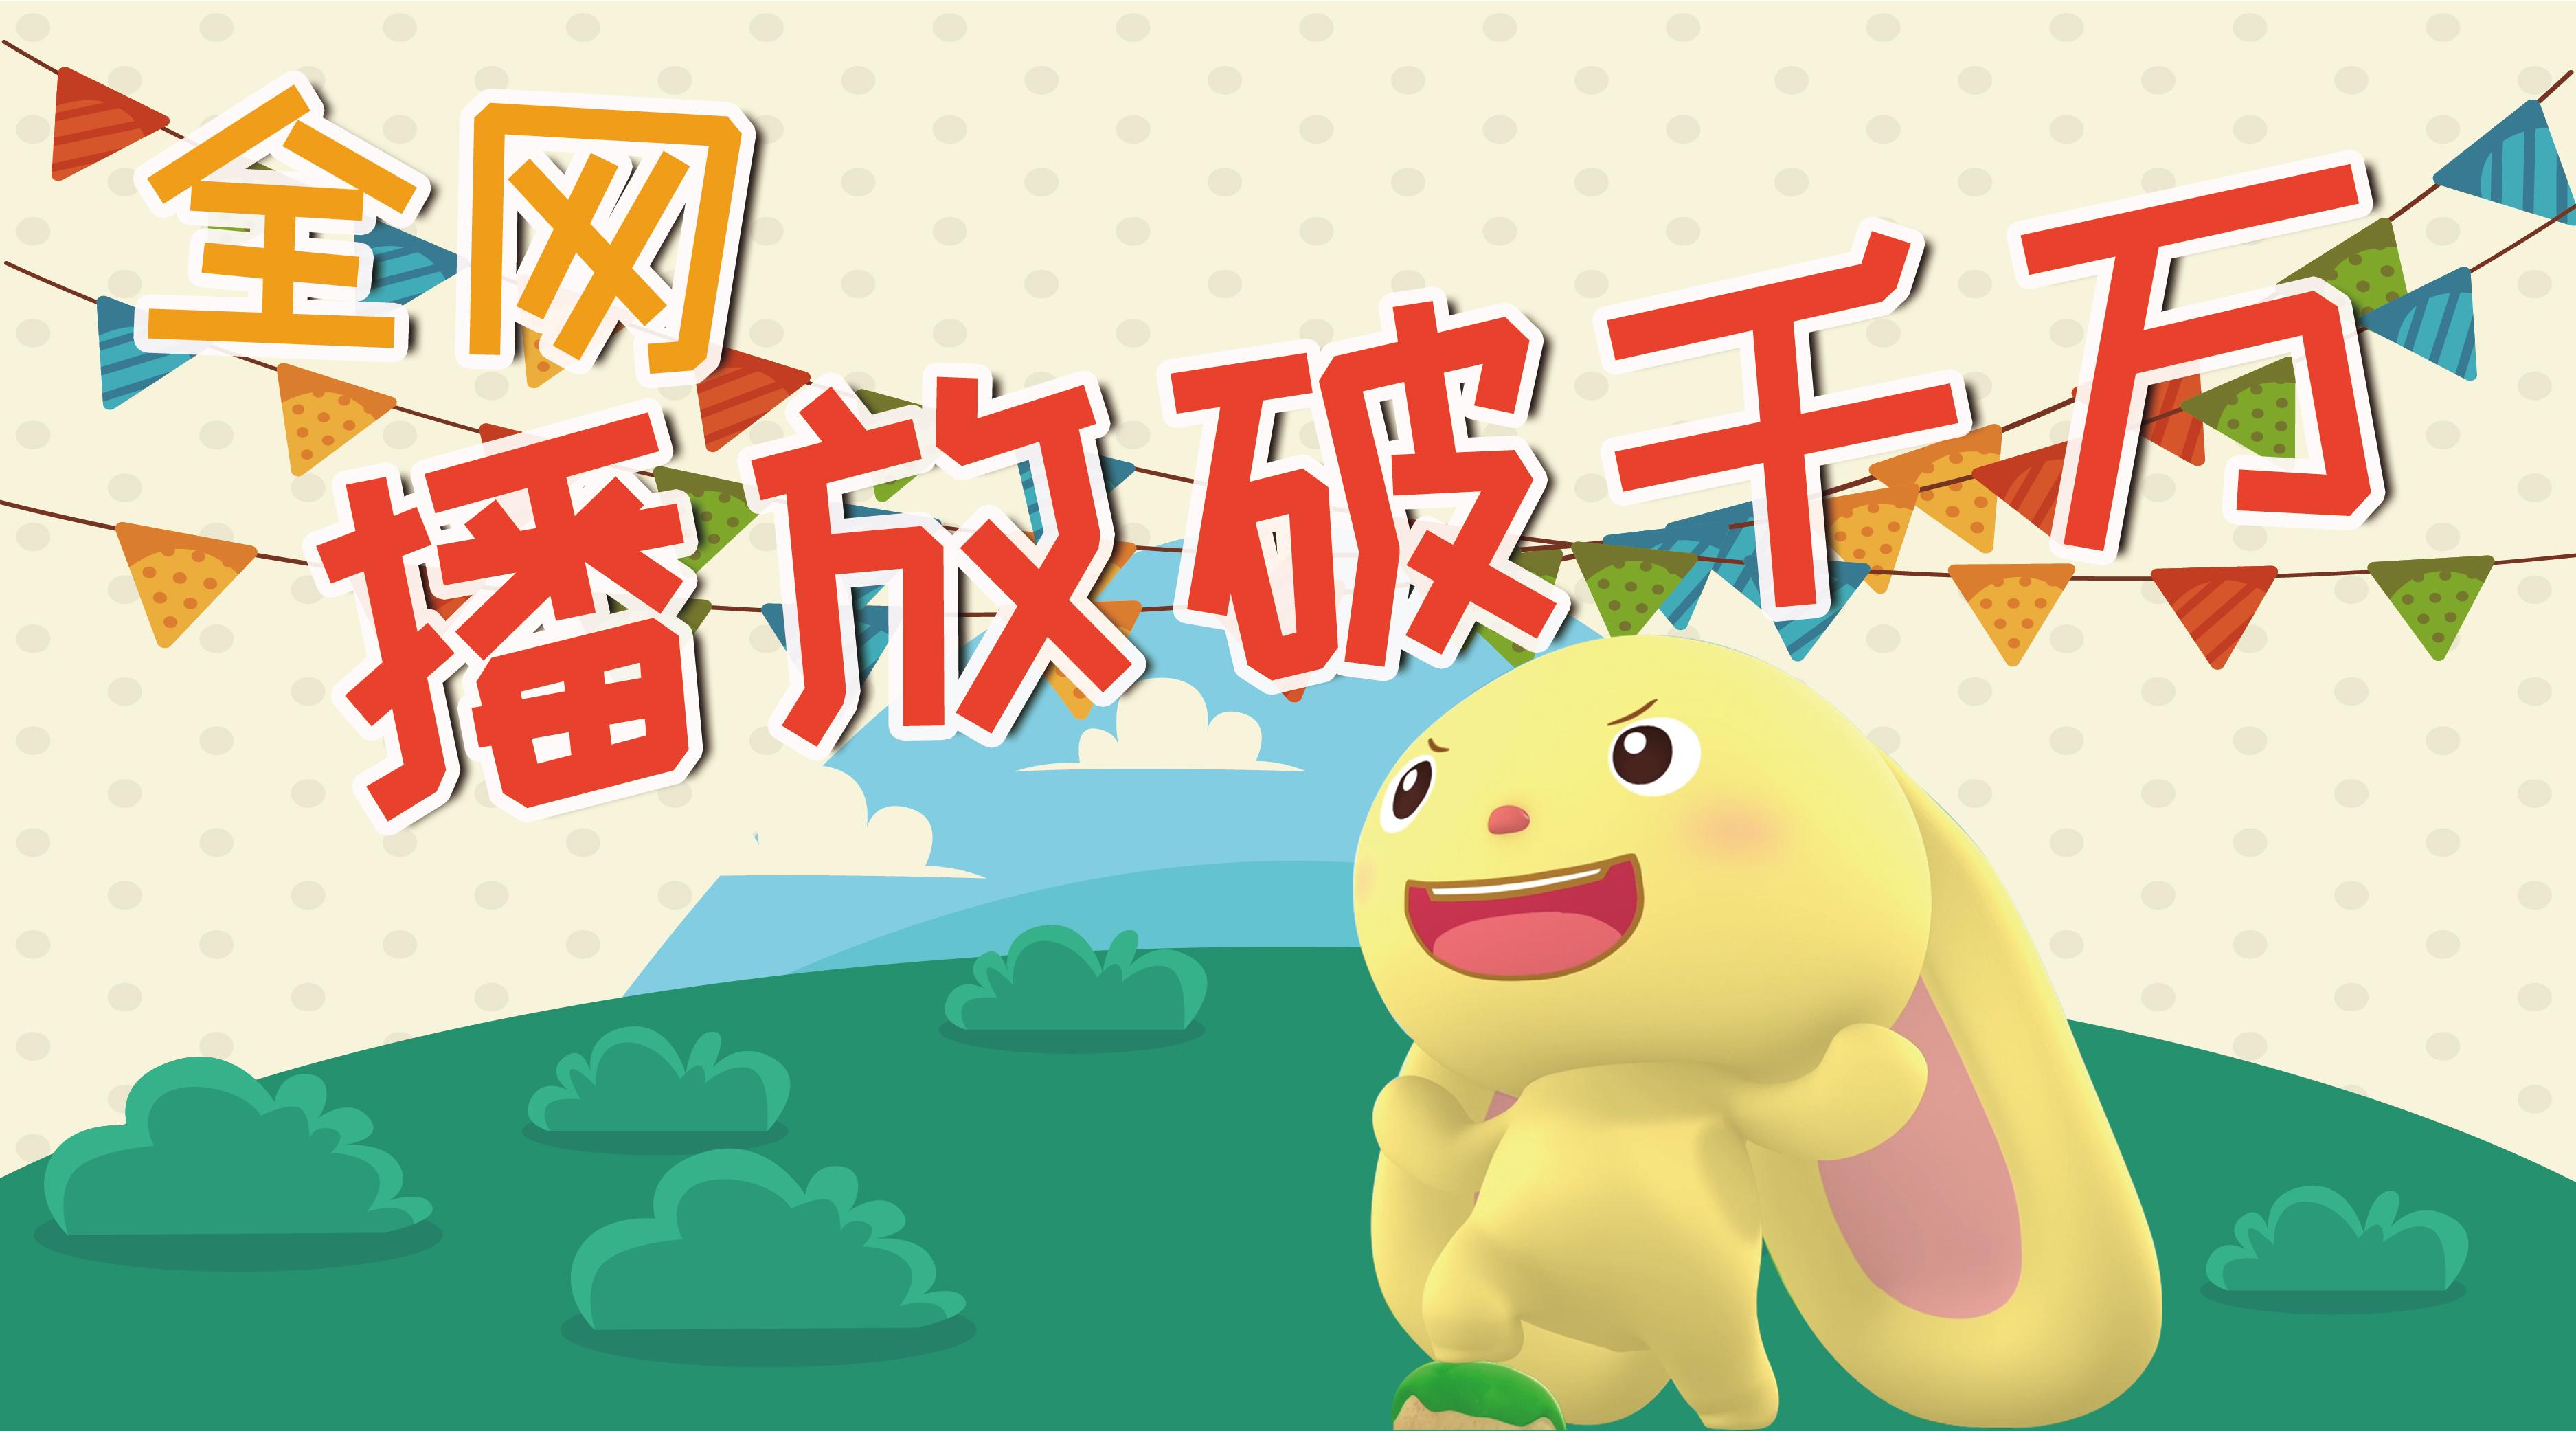 动漫 正文  除了线上平台成绩喜人,《kk魔法可可》在广东嘉佳卡通卫视图片